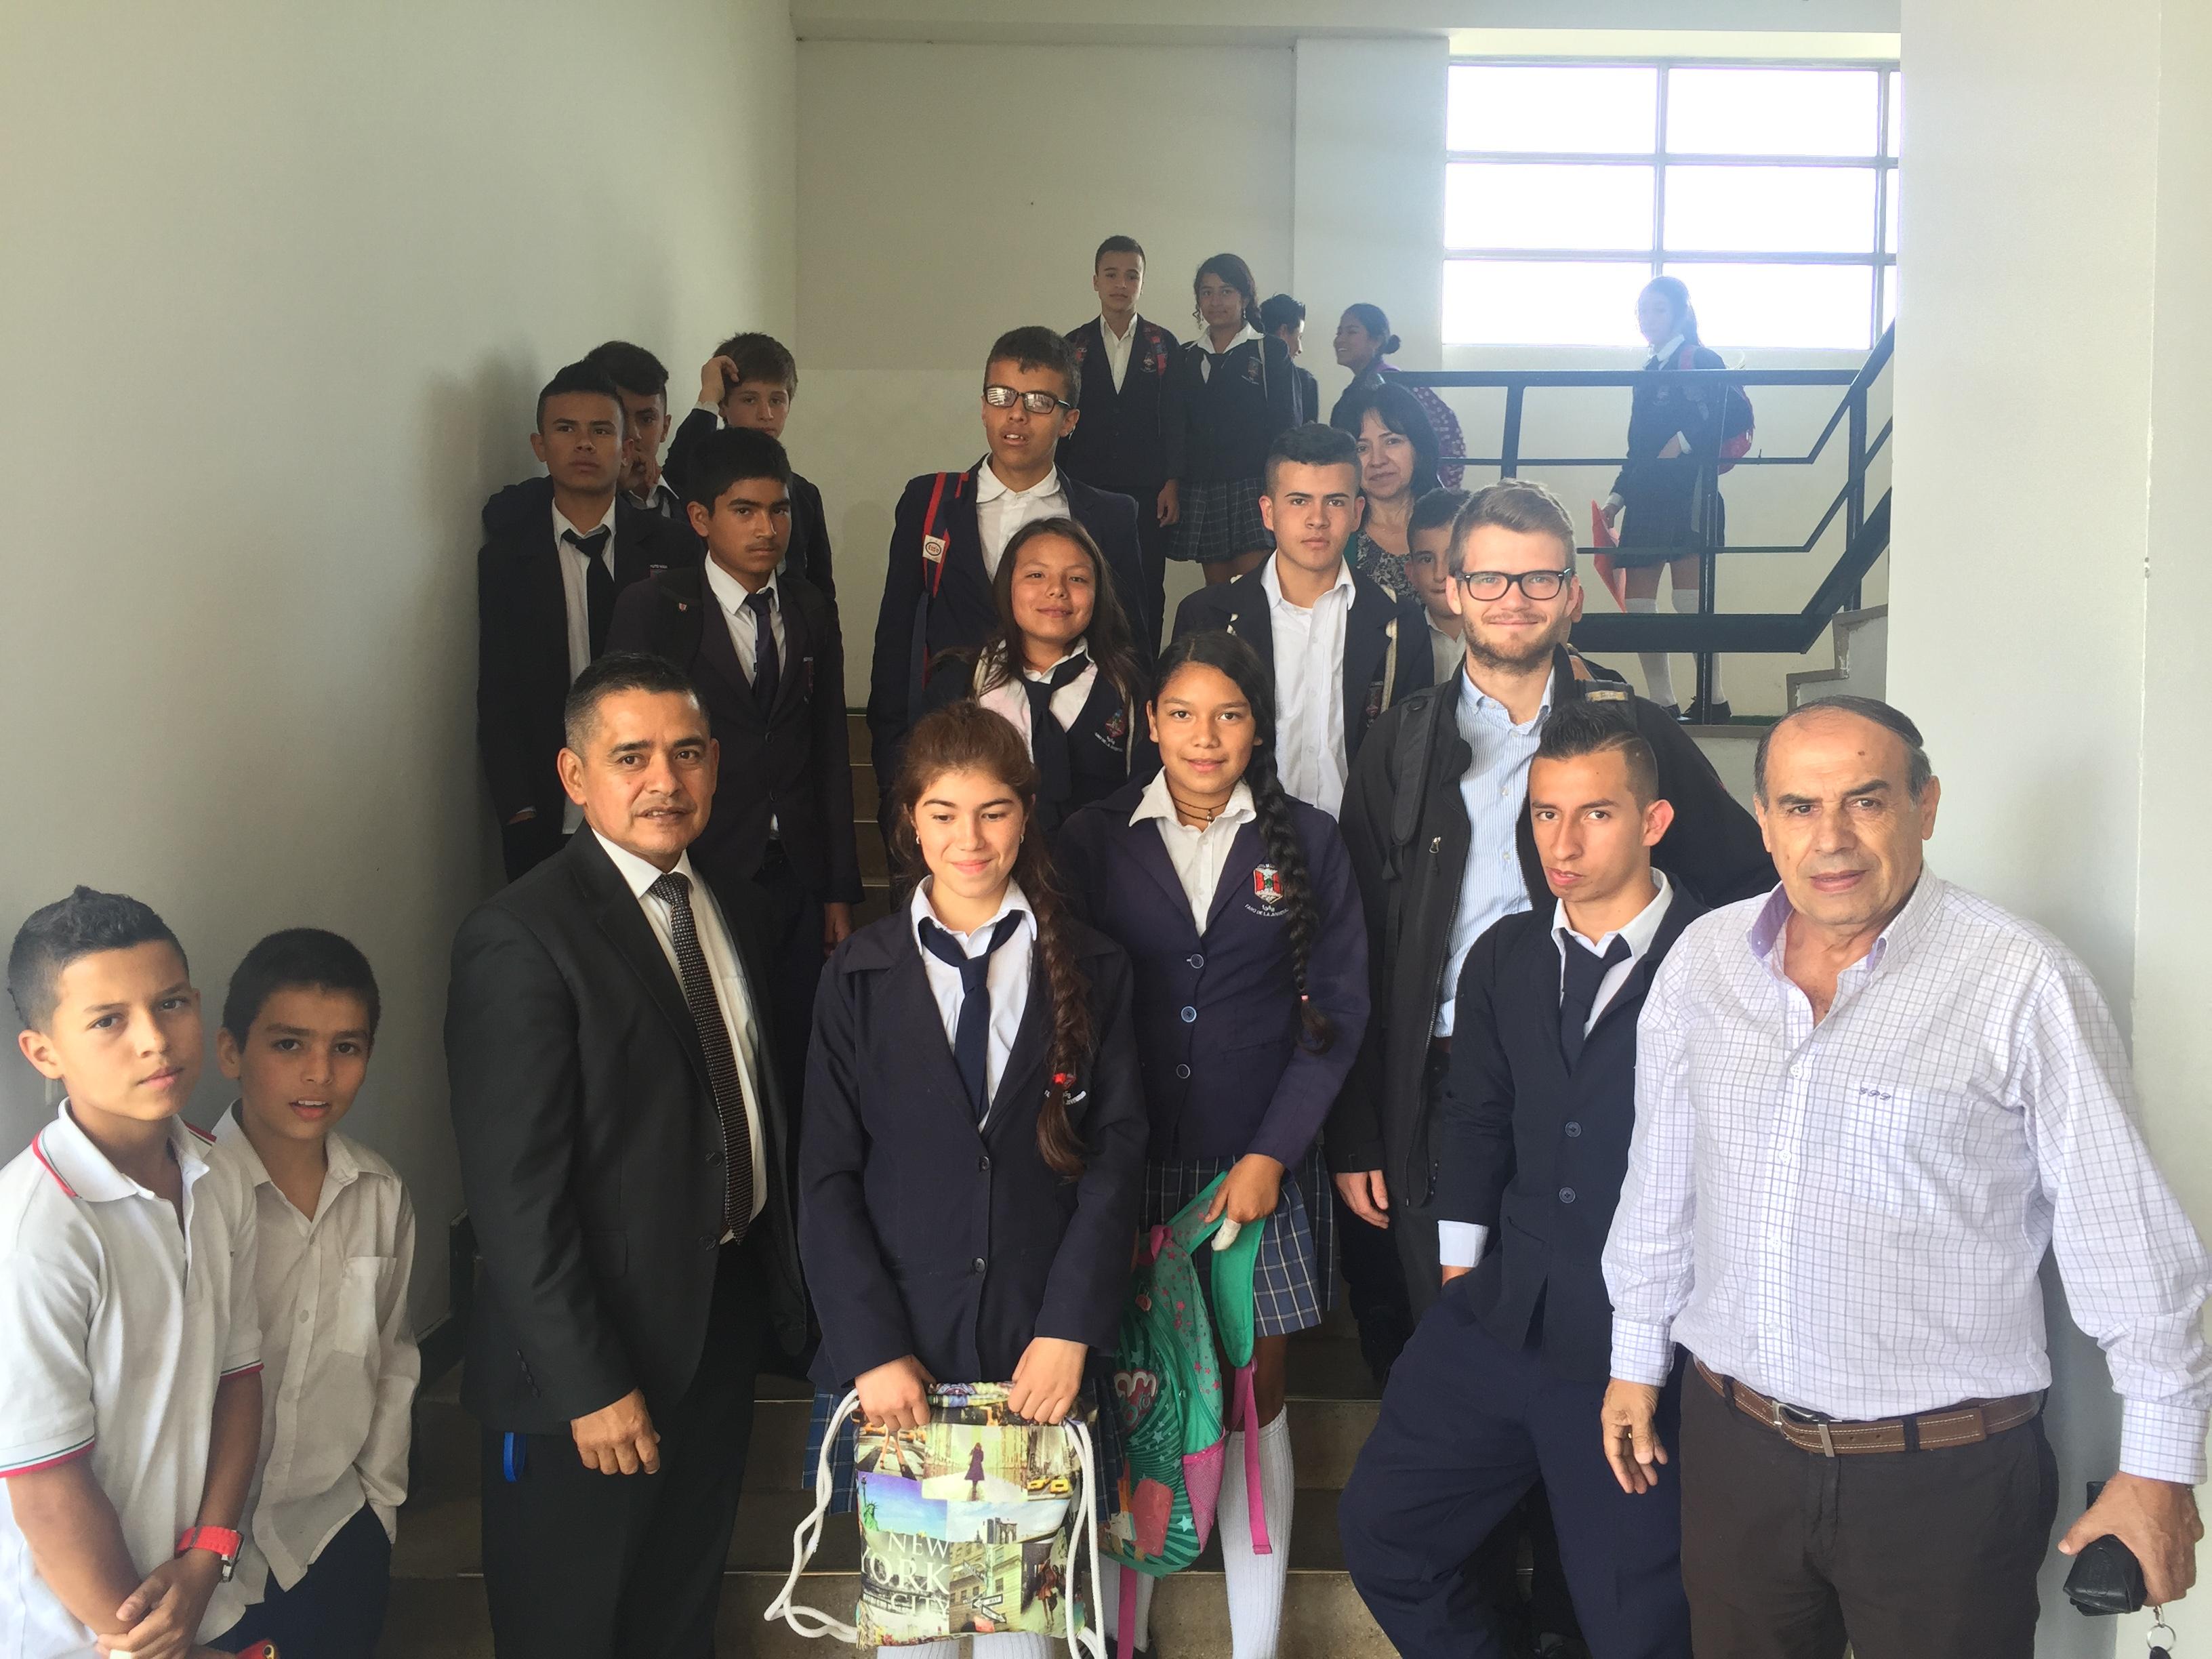 Rector Francis con algunos de sus estudiantes y maestros